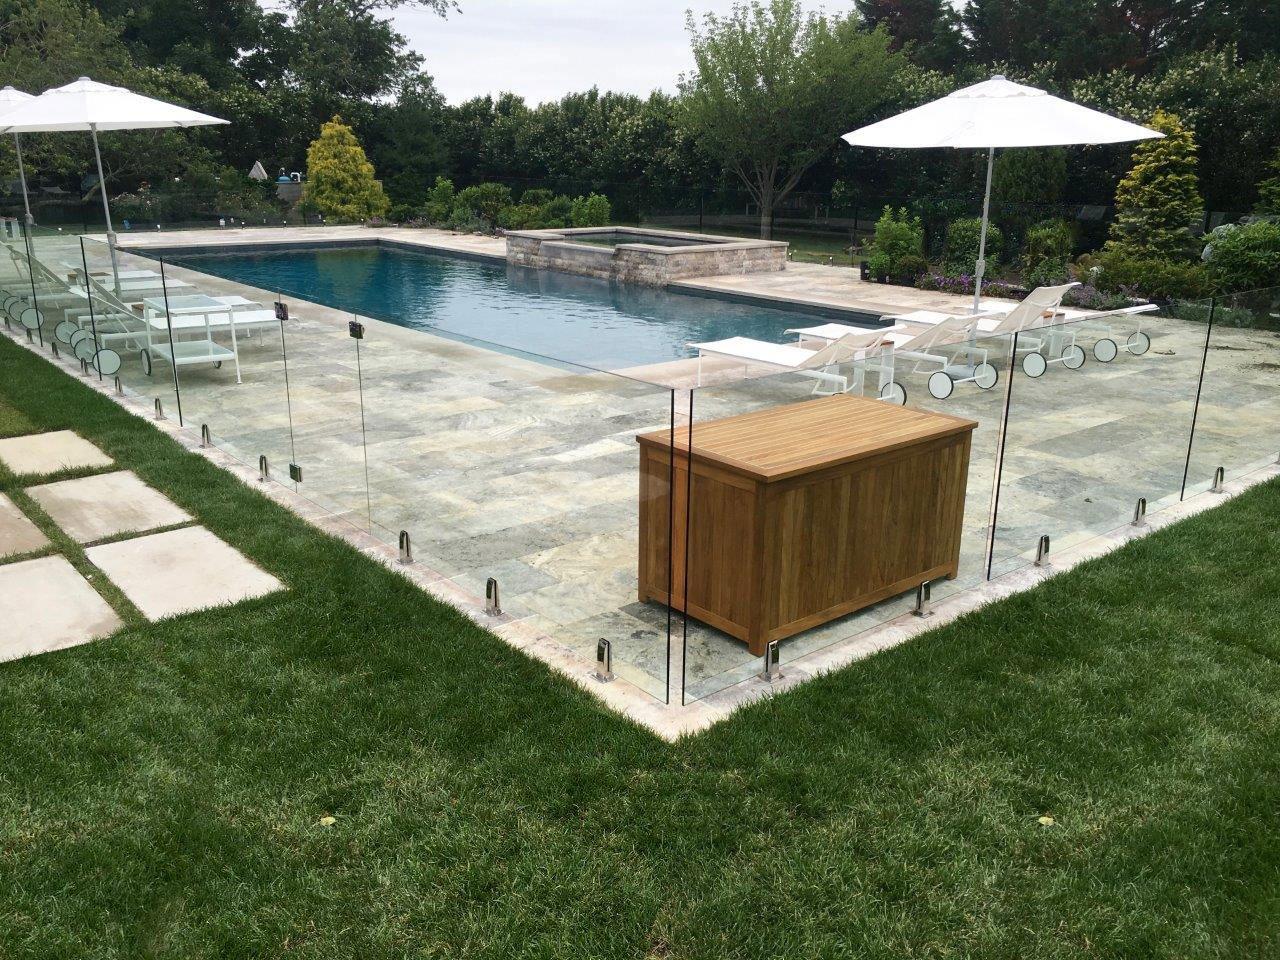 Glass Fence Pool Design Westport, New Canaan, Darien, CT